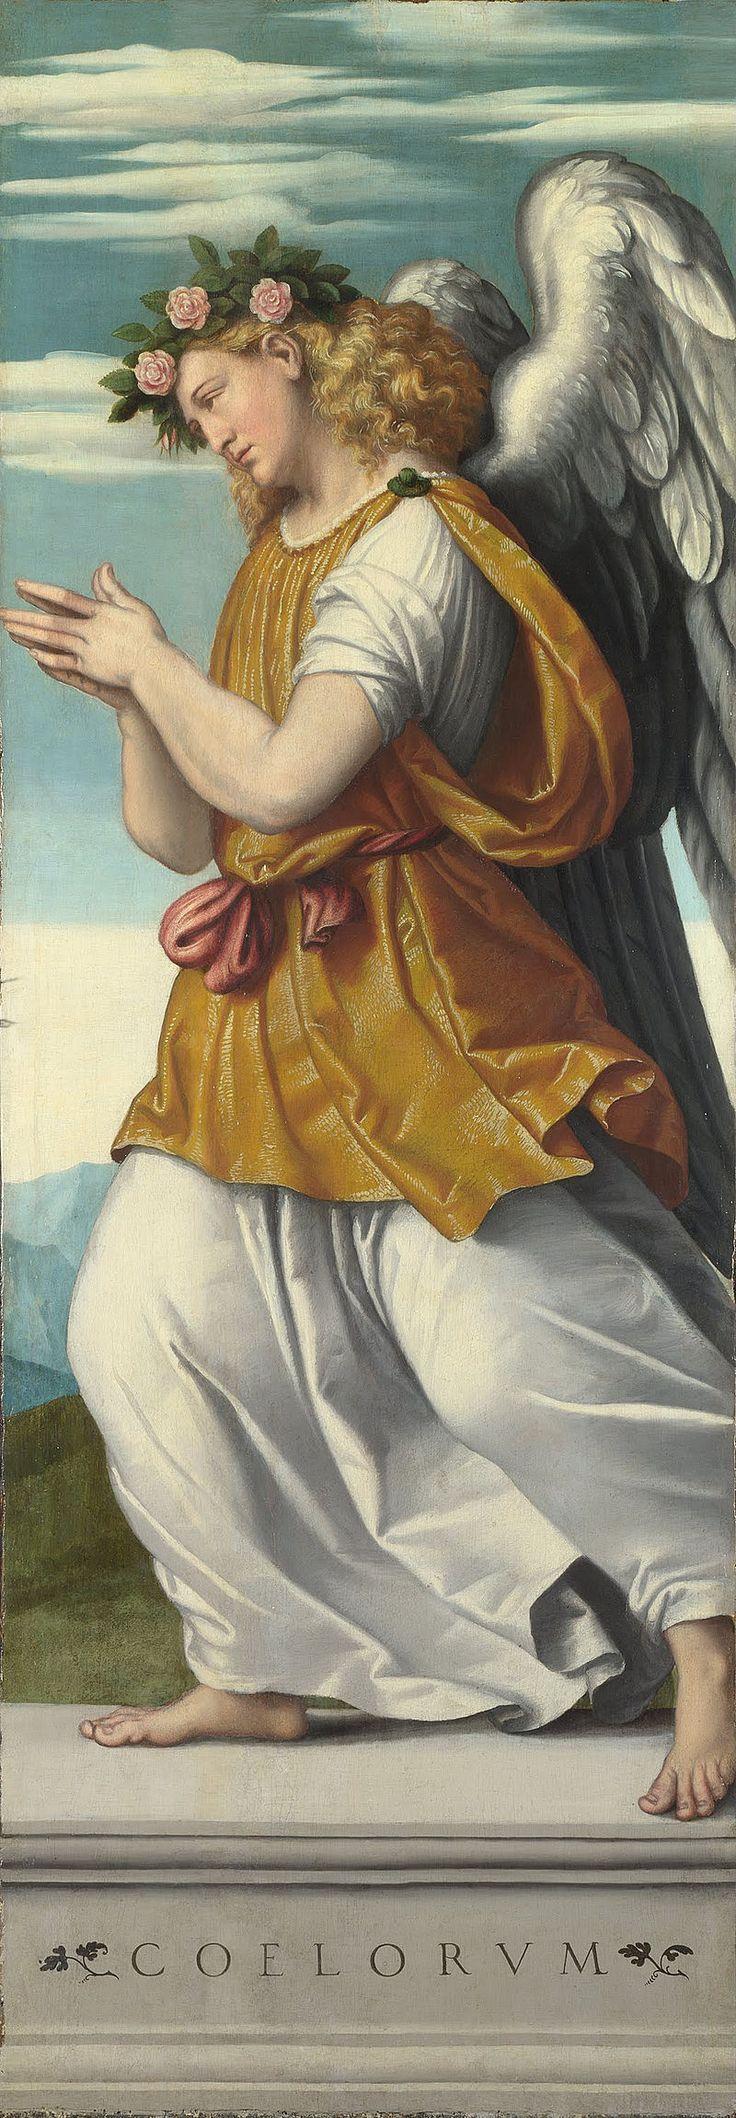 Moretto da Brescia - An Adoring Angel (1) - Google Art Project - Category:Google Art Project works by Moretto da Brescia - Wikimedia Commons